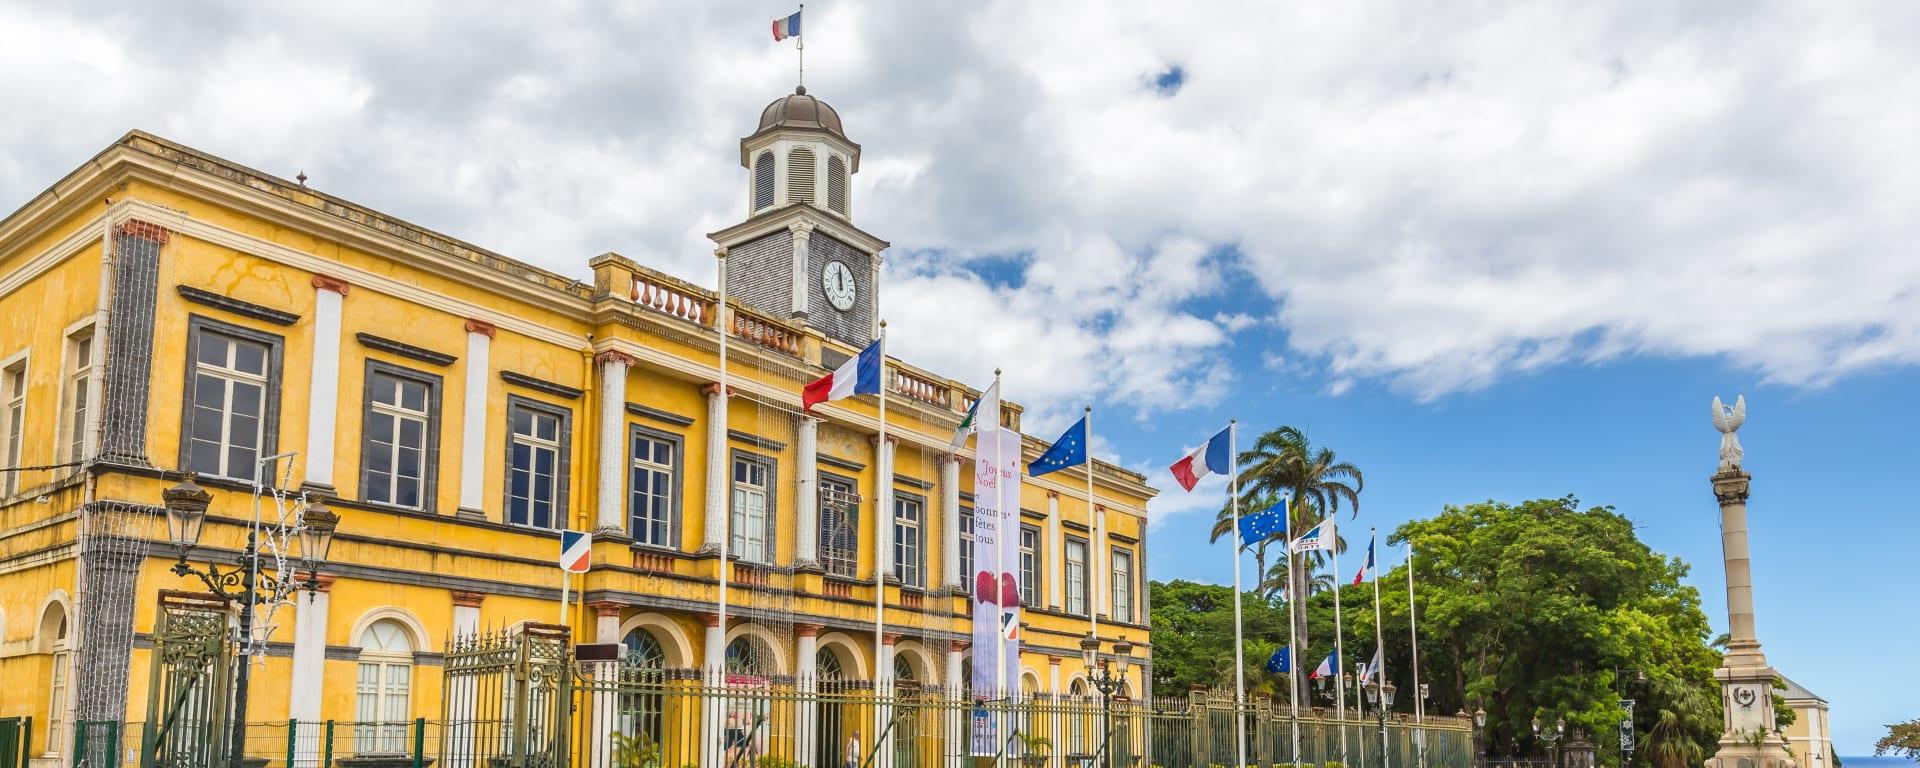 Réunion entdecken mit Tischler Reisen: Reunion Saint Denis Rathaus